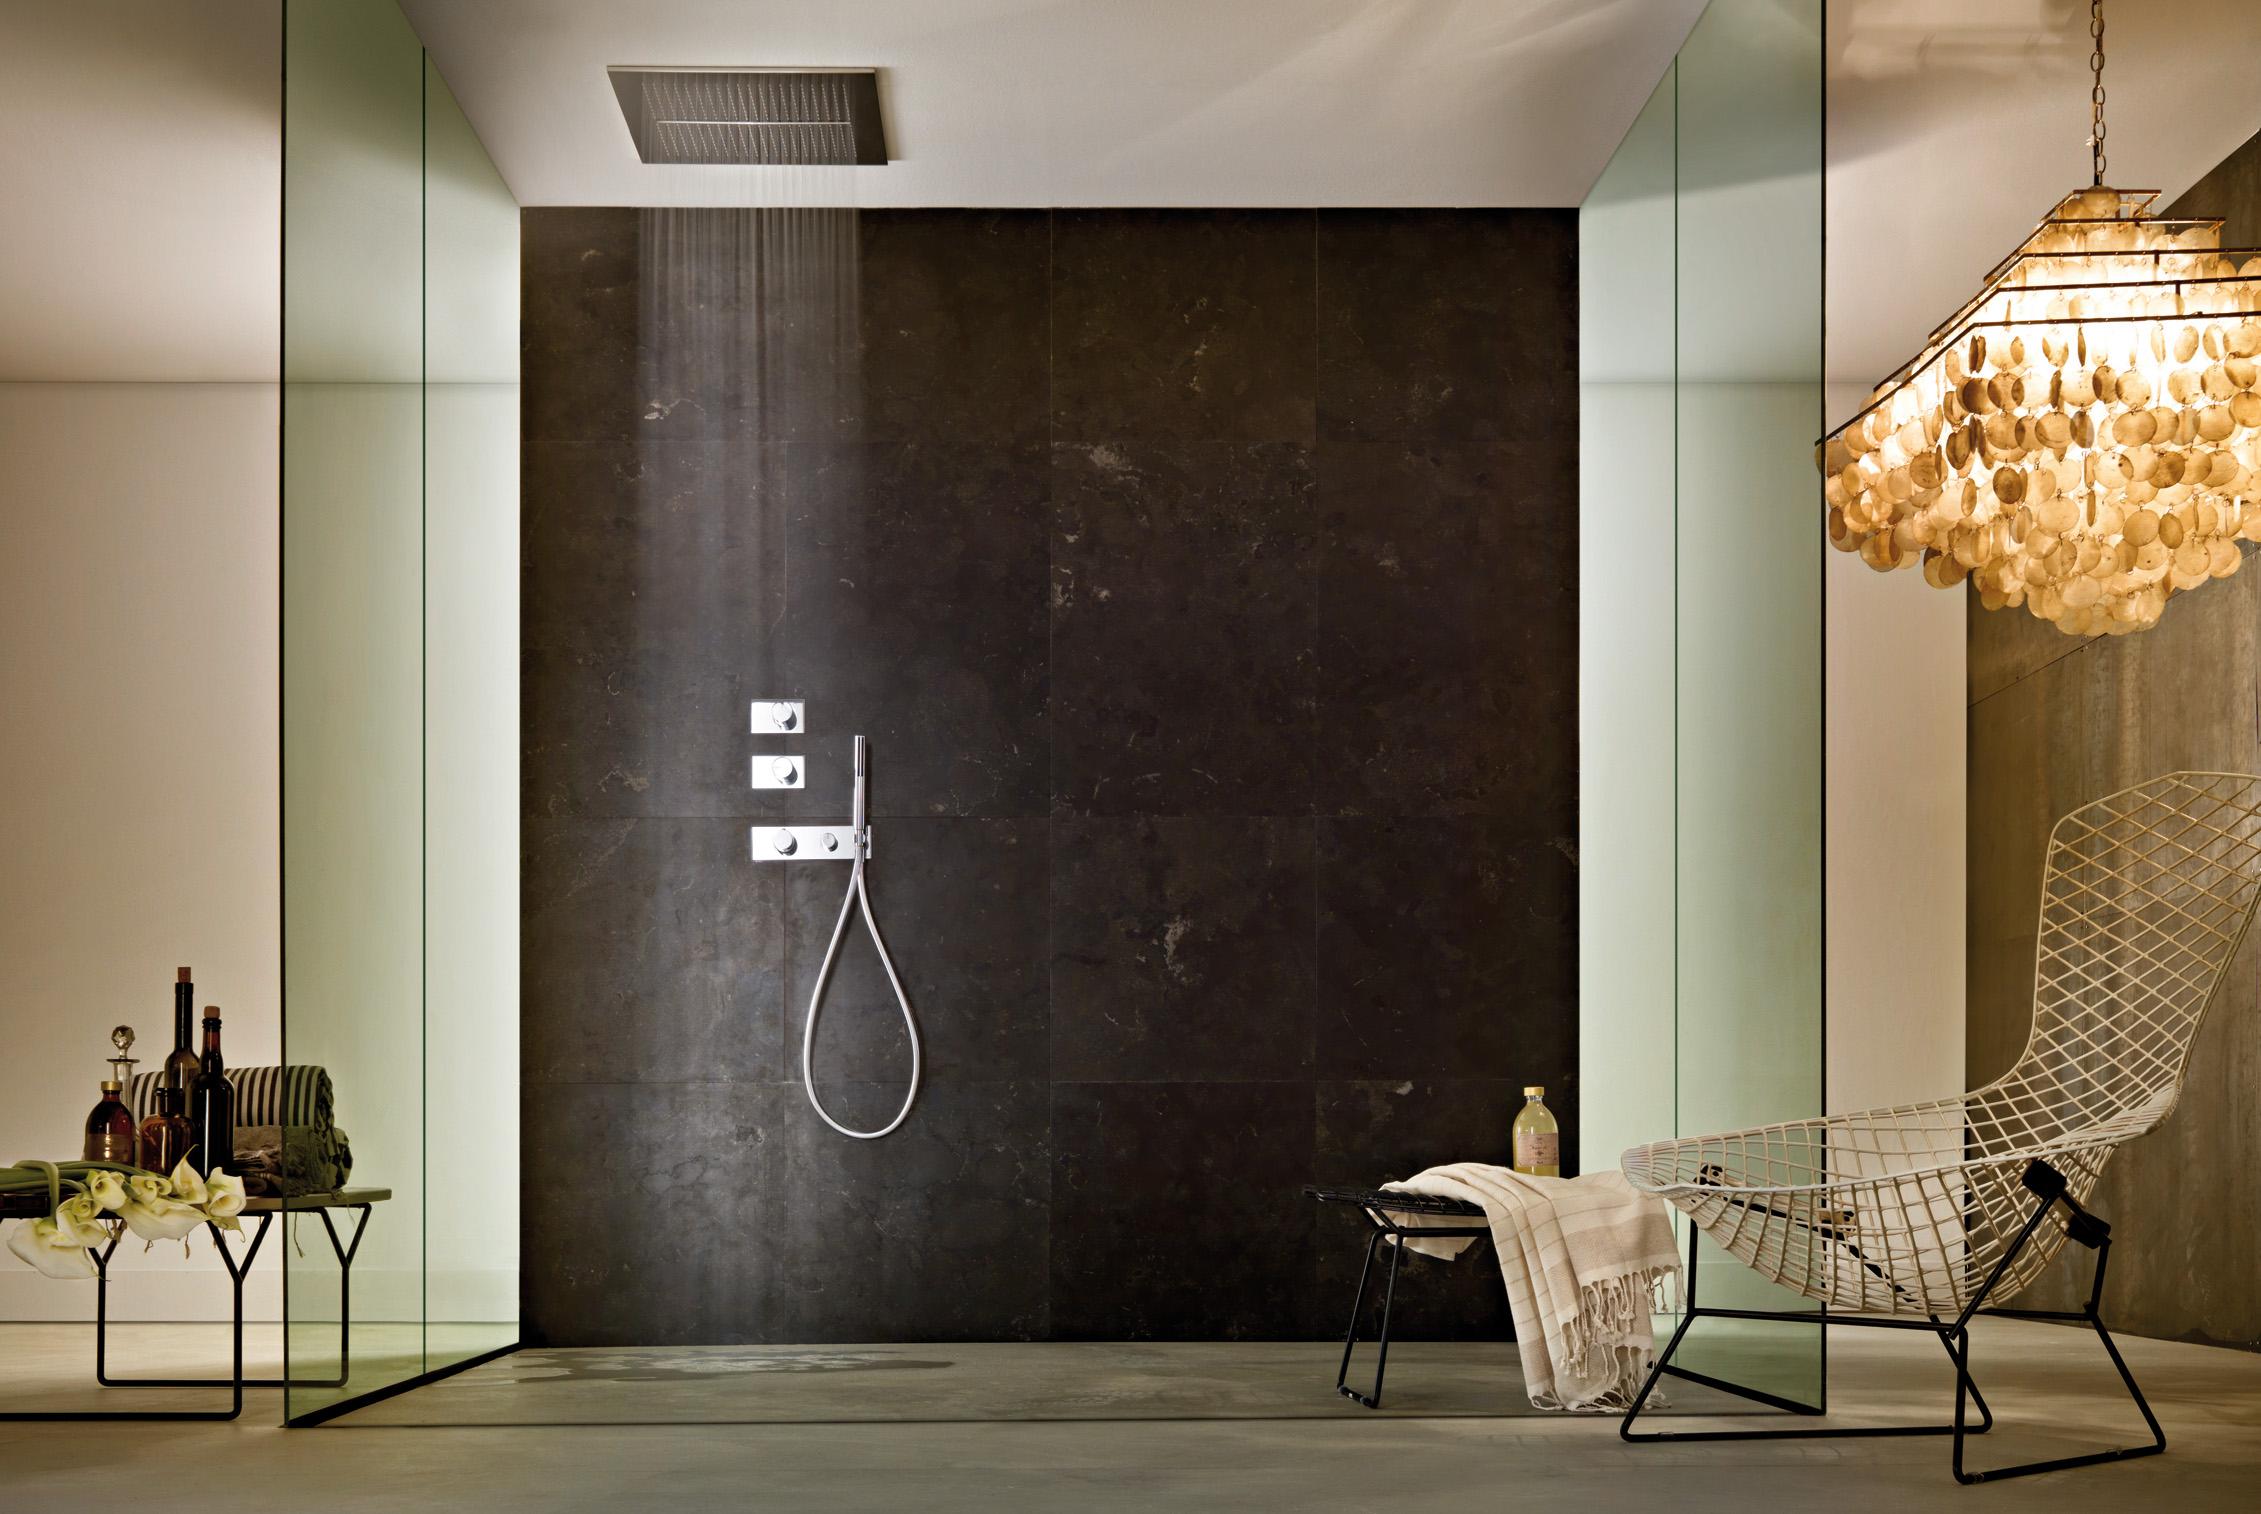 Arredo bagno rubinetteria milano pandolfo showroompandolfo showroom a campagna lupia - Showroom arredo bagno milano ...